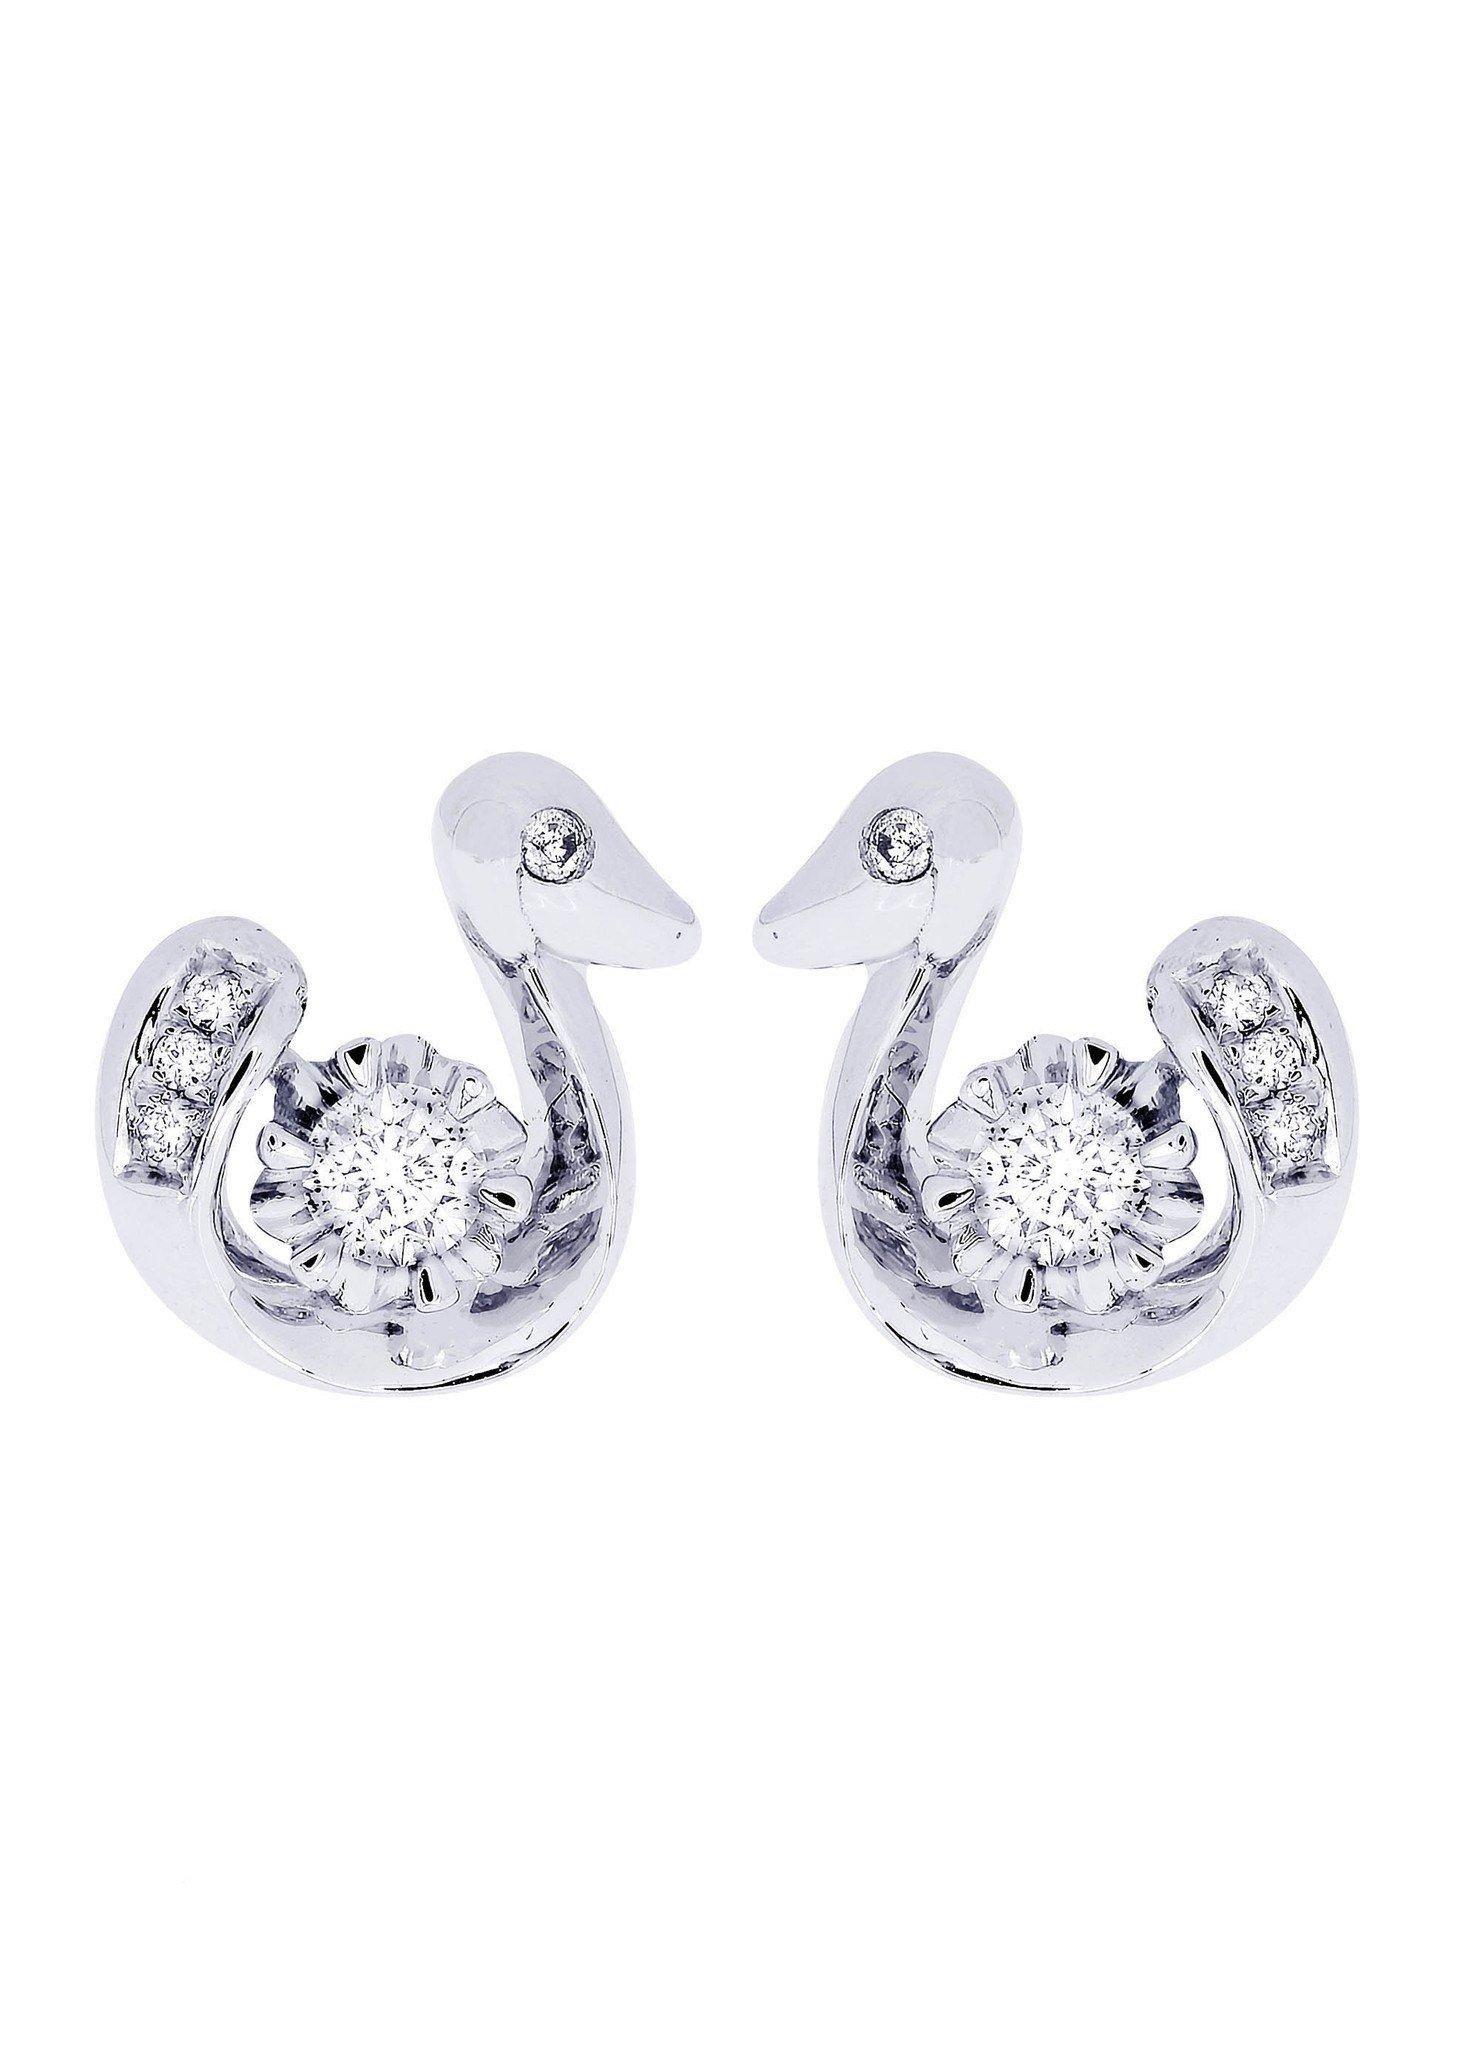 Frostnyc Frost Nyc Swan Diamond Stud Earrings For Men 14k White Gold 0 28